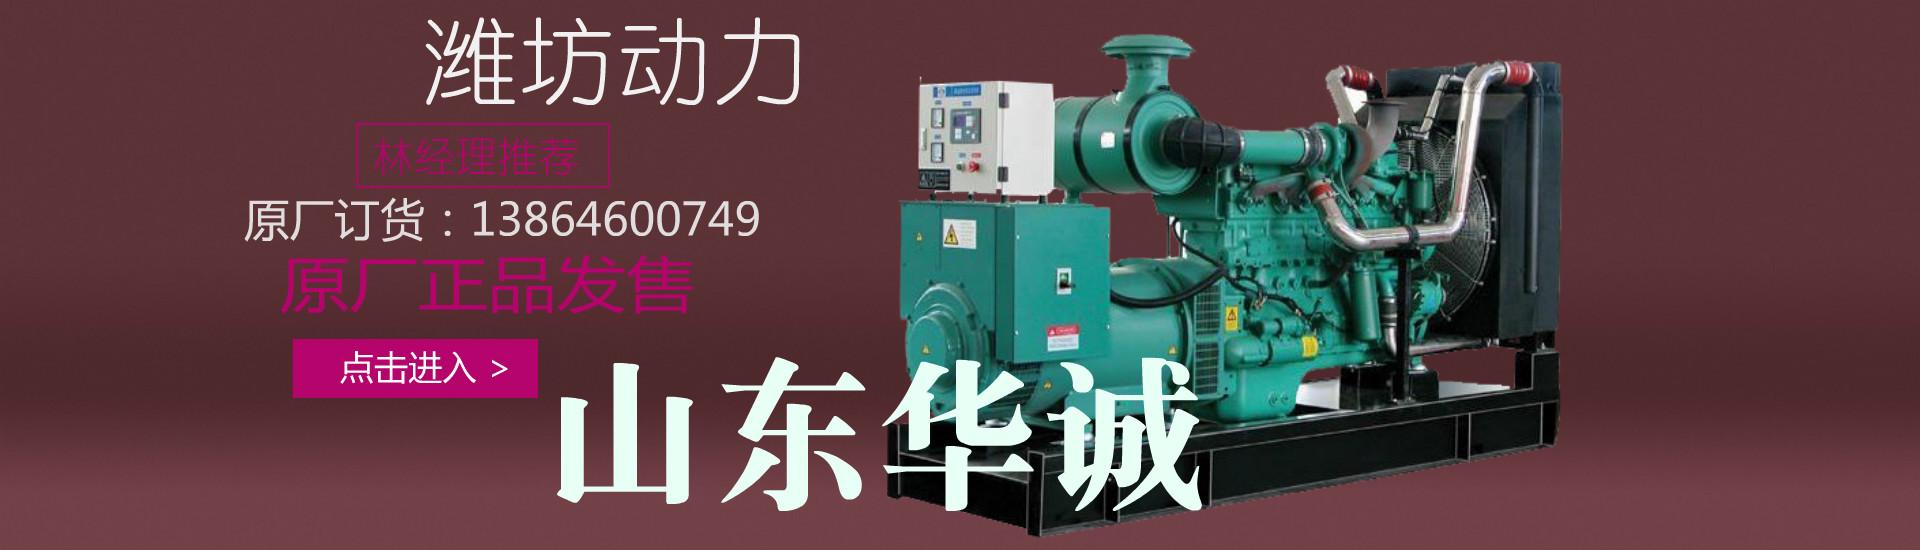 【铲车ZH4102发动机手动挡130离合器,价格,图片,配件厂家】_汽配人网